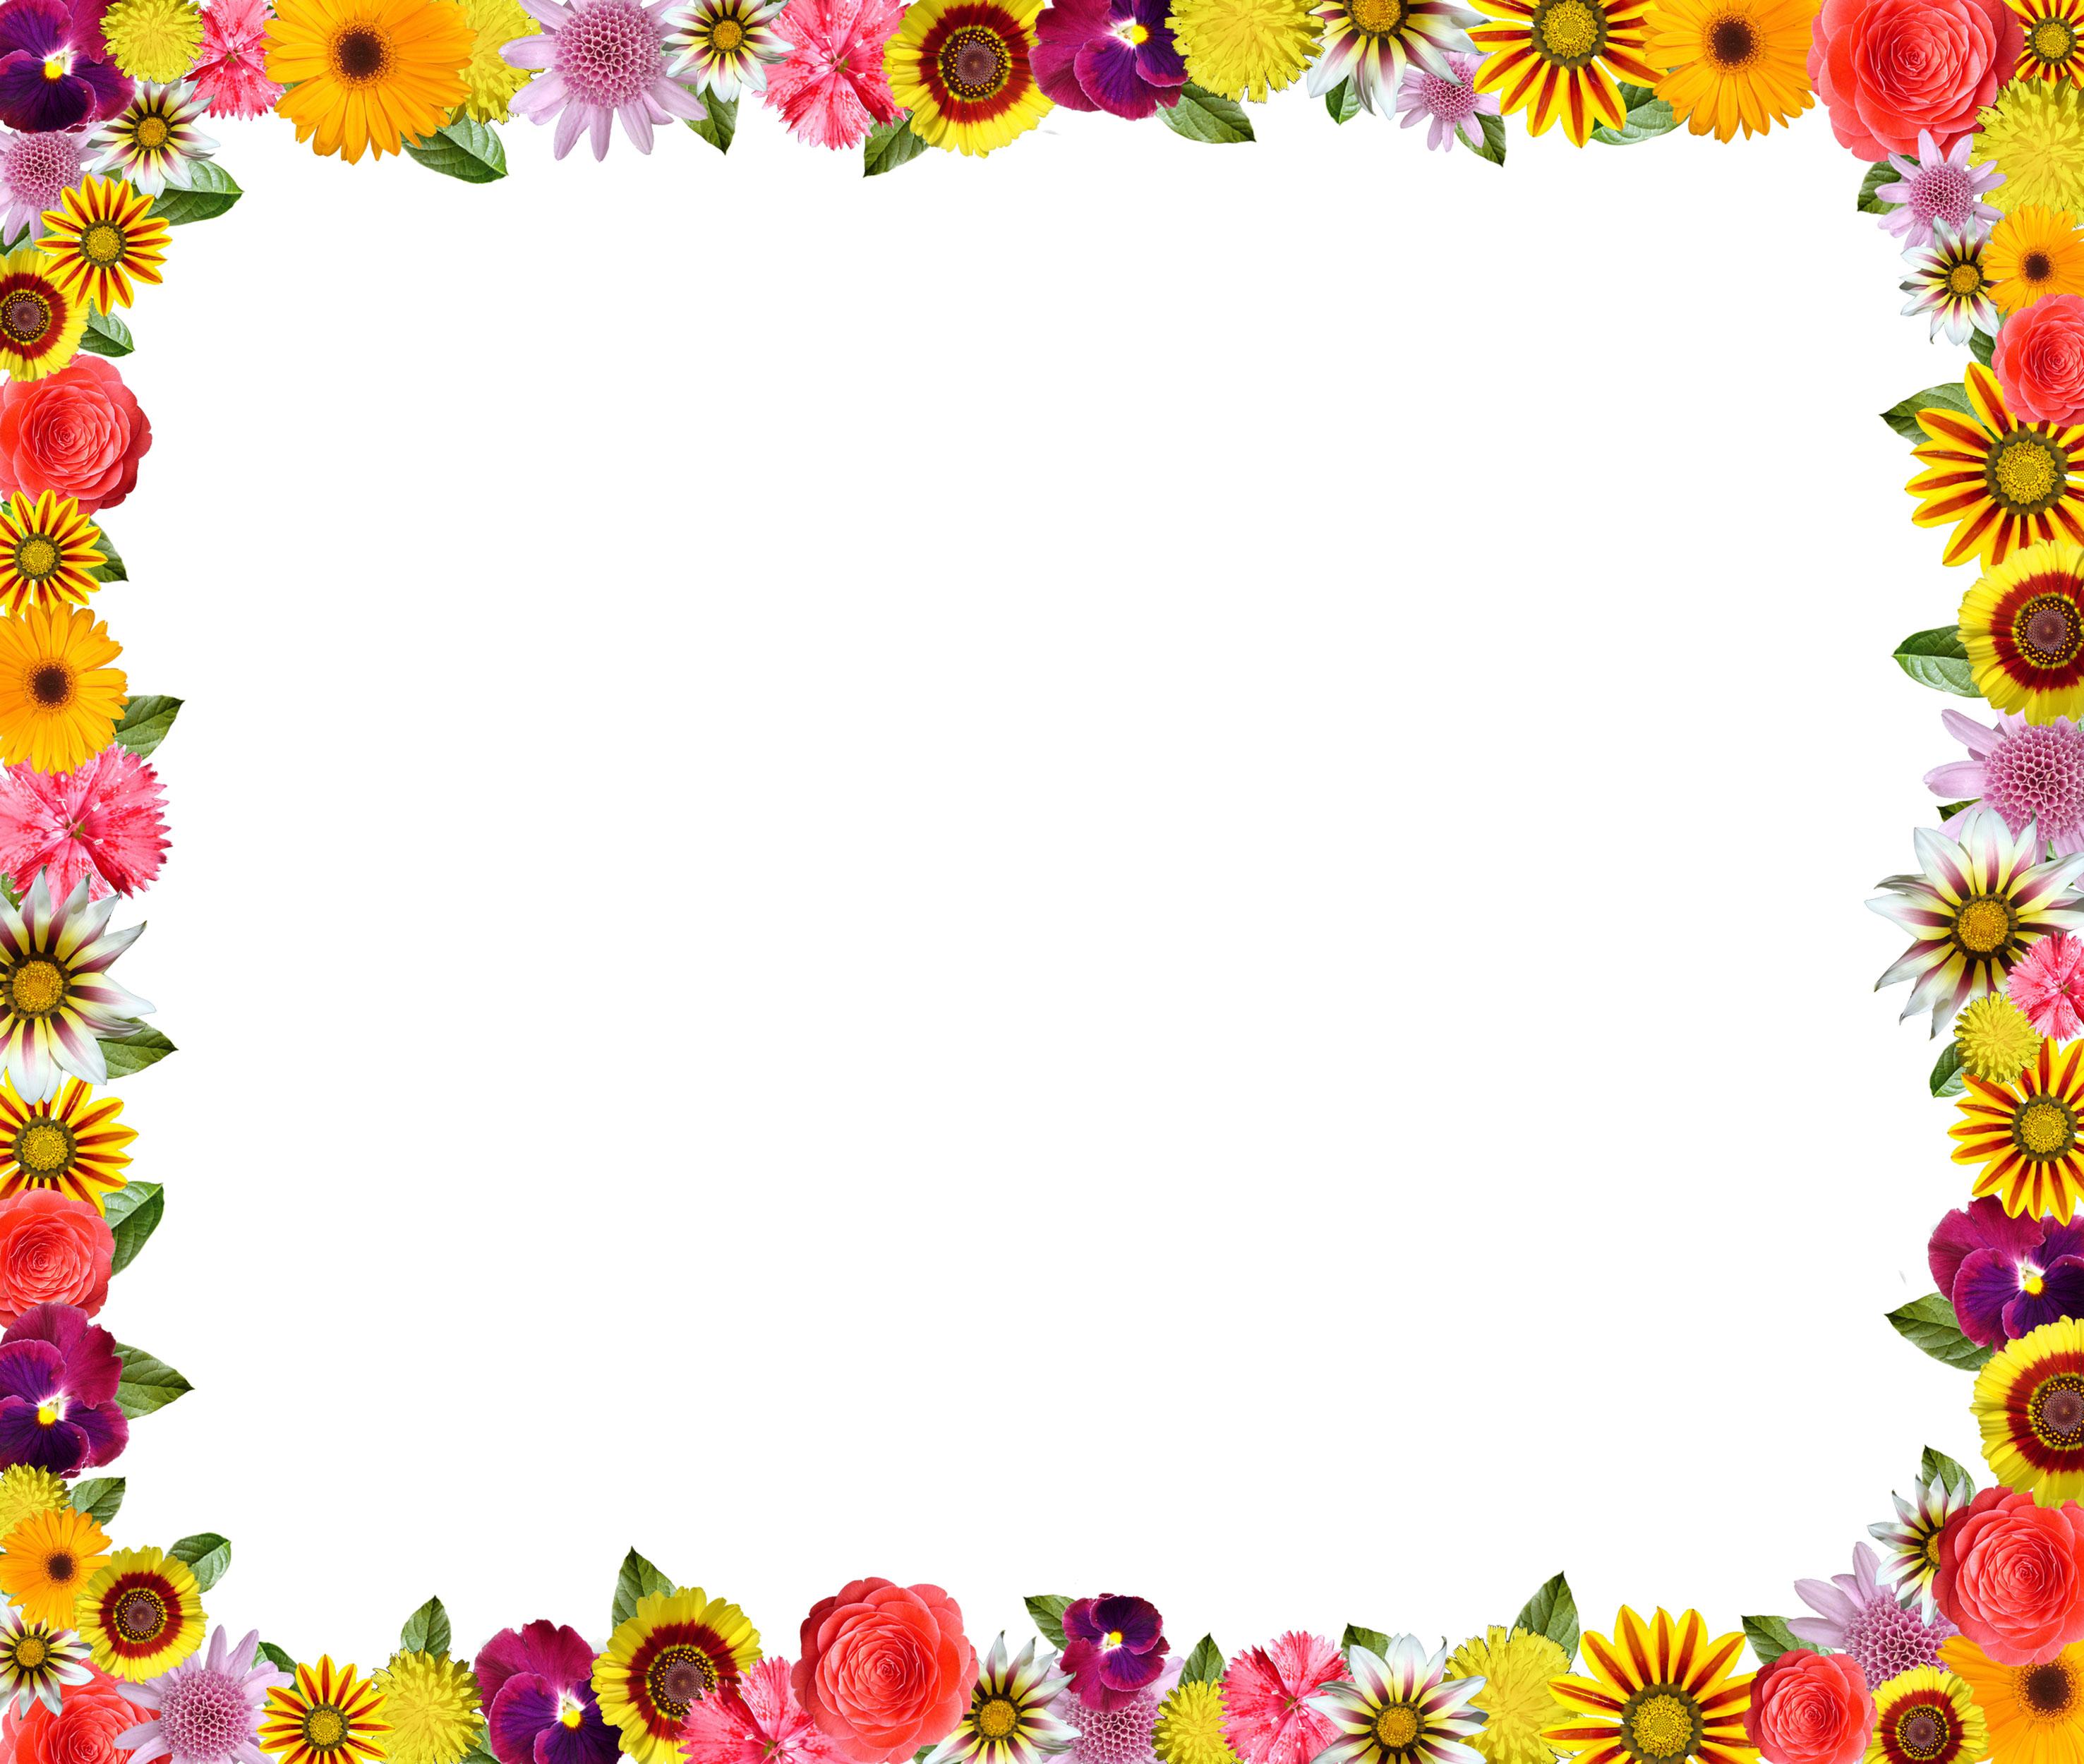 カラフルなのイラスト・フリー素材/背景・壁紙no.568『カラフル